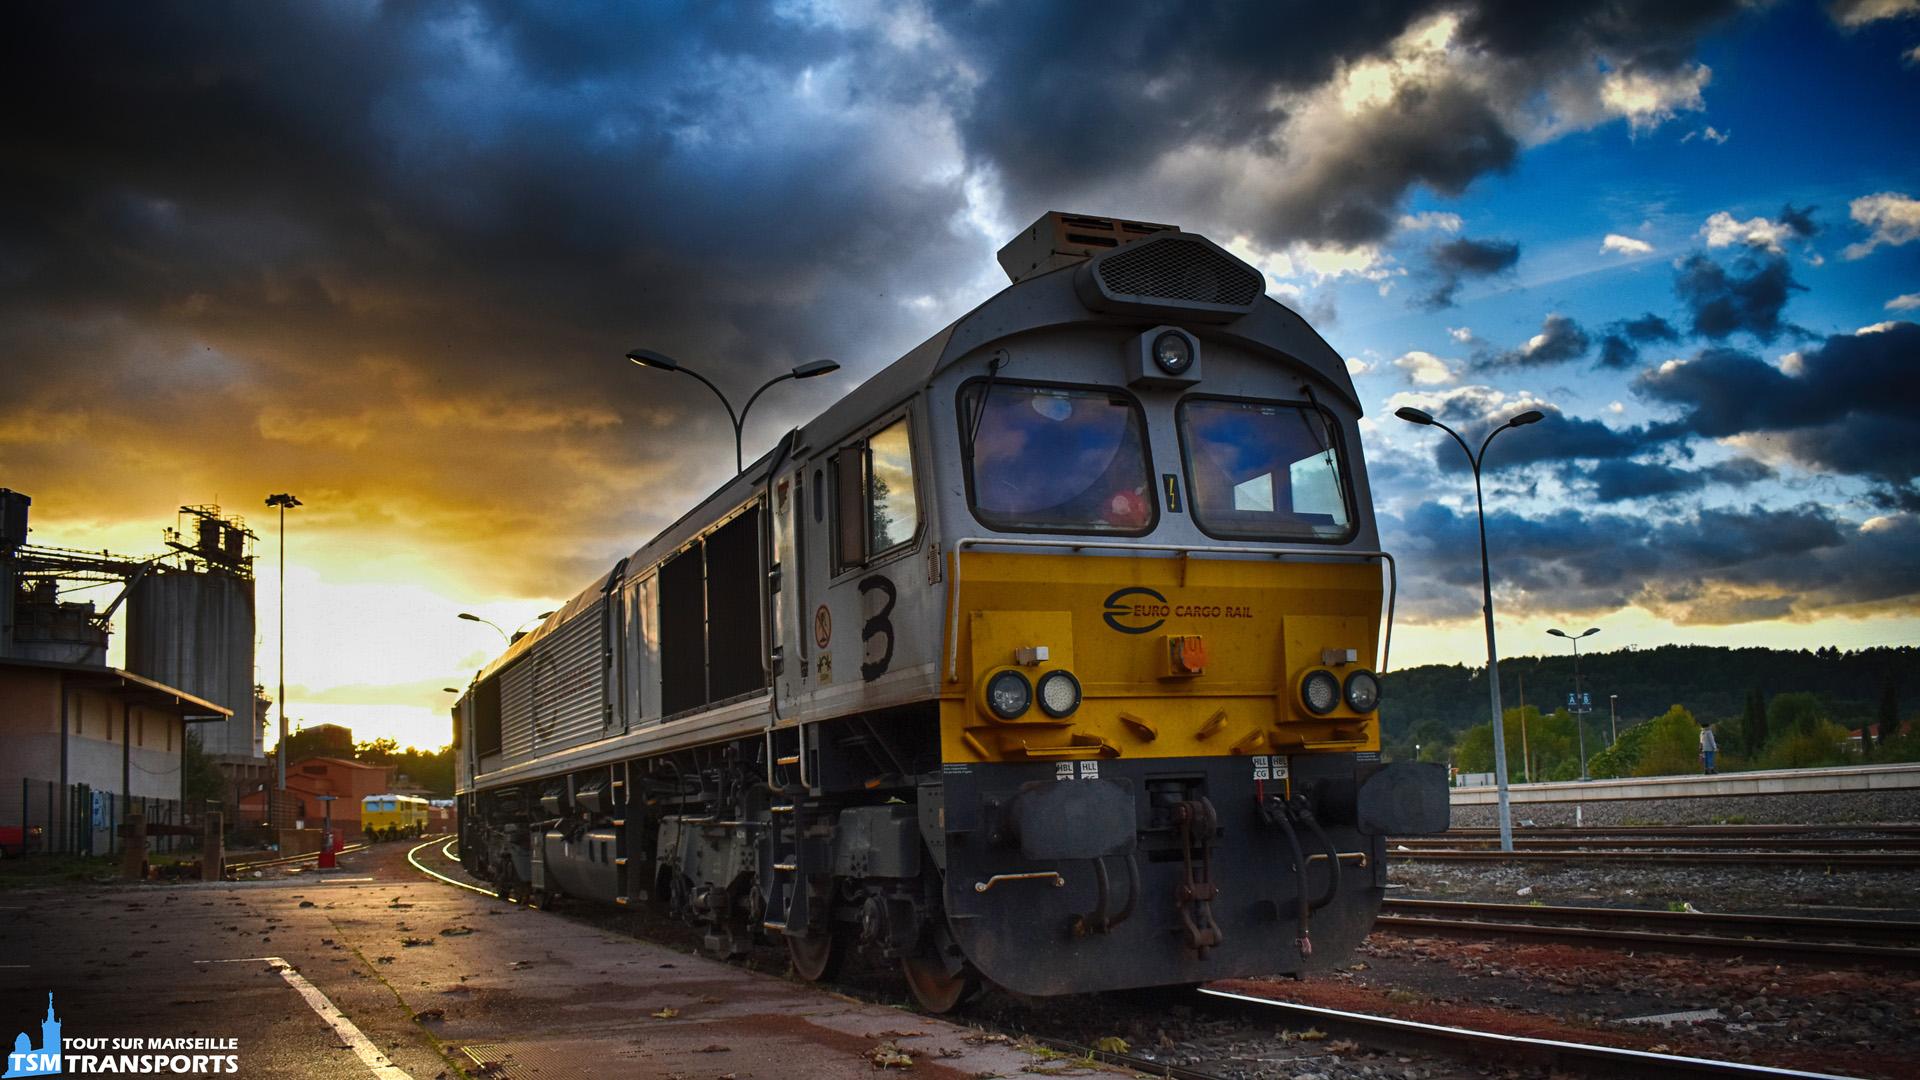 Fin de journée sur la Gare de Gardanne où cette EMD Class77003 se repose sur une voie de manœuvre à côté du bâtiment voyageur de la gare et de l'usine Altéo de Gardanne. . Cette locomotive diesel sert à assurer les trains quotidiens de Bauxite bien connus des ferrovipathes du sud, ils acheminent deux fois par jour la Bauxite du Port de Fos à l'usine de Gardanne. . ℹ️ EMD Class77003 d'Euro Cargo Rail. . 📍Gare de Gardanne, Avenue de la Gare, 13120 Gardanne. . ↔️ Port de Fos sur Mer - Gardanne (Usine Altéo). . 📸 Nikon D5600. . 📷 Nikkor 18-55mm. . 📅 3 Novembre 2018 à 16:54. . 👨 Sébastien ESPOSITO.